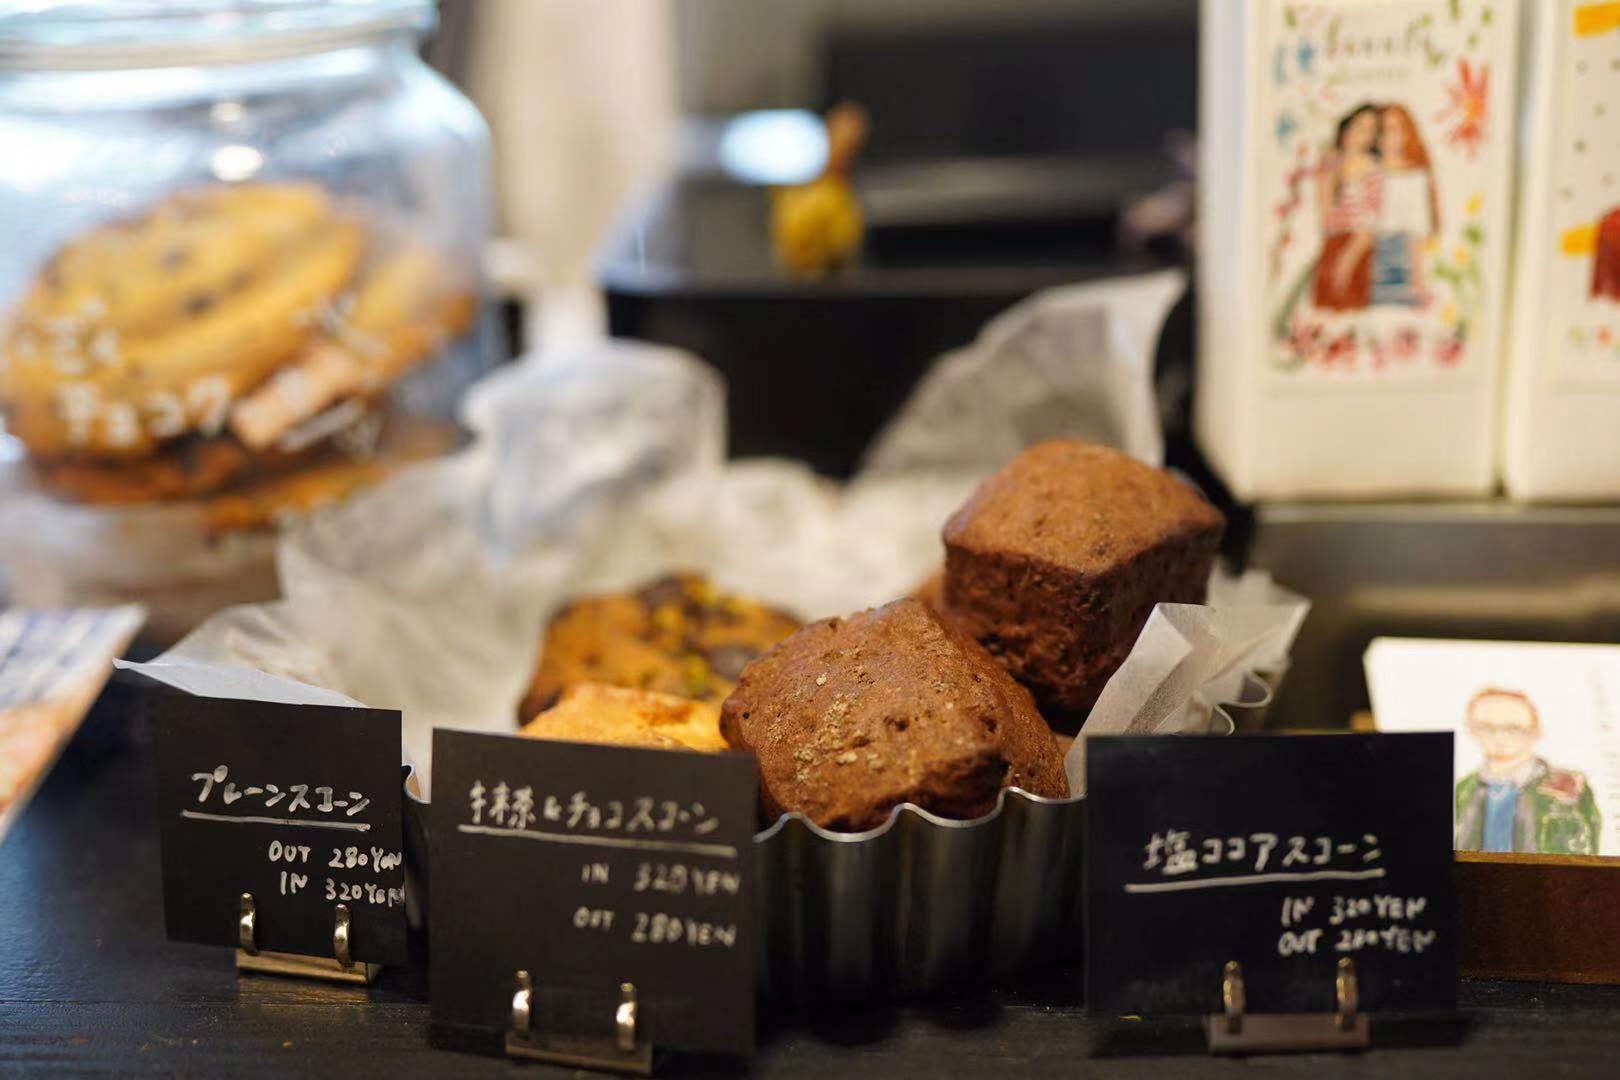 「カンノンコーヒー本山」でほっと安らぐひと時を。スコーン食べ放題のモーニングもスタート! - kannon motoyama3